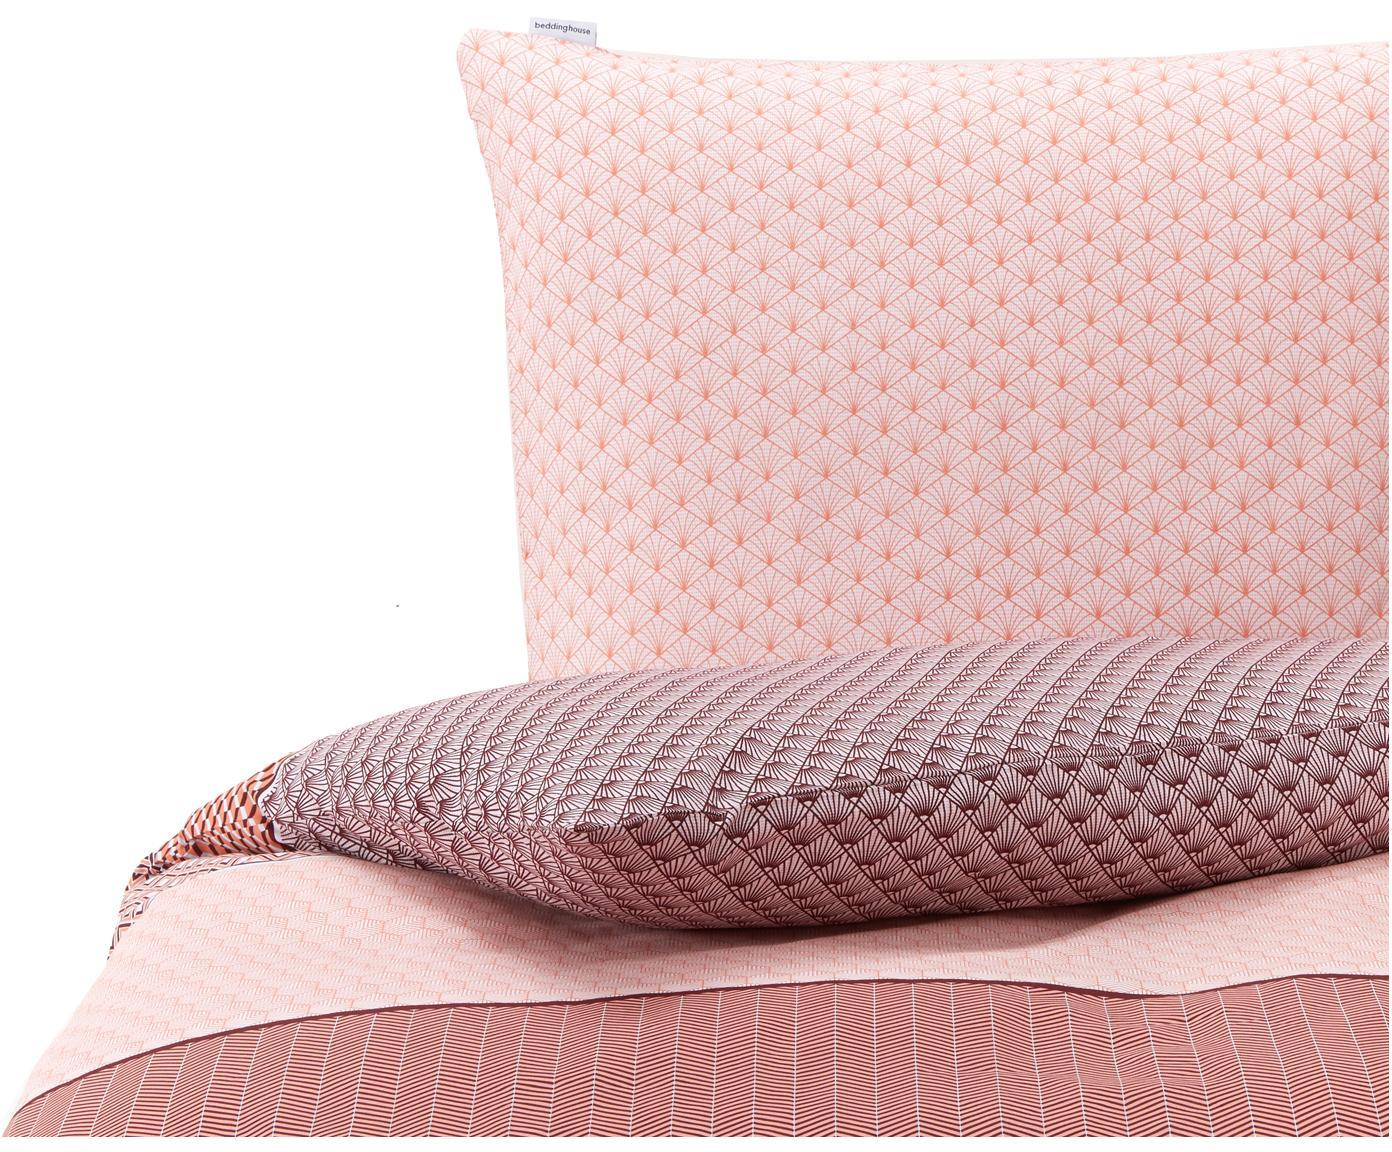 Gemusterte Baumwoll-Bettwäsche Lorenza, 100% Baumwolle  Fadendichte 144 TC, Standard Qualität  Bettwäsche aus Baumwolle fühlt sich auf der Haut angenehm weich an, nimmt Feuchtigkeit gut auf und eignet sich für Allergiker., Rosa, Lila, Koralle, 135 x 200 cm + 1 Kissen 80 x 80 cm